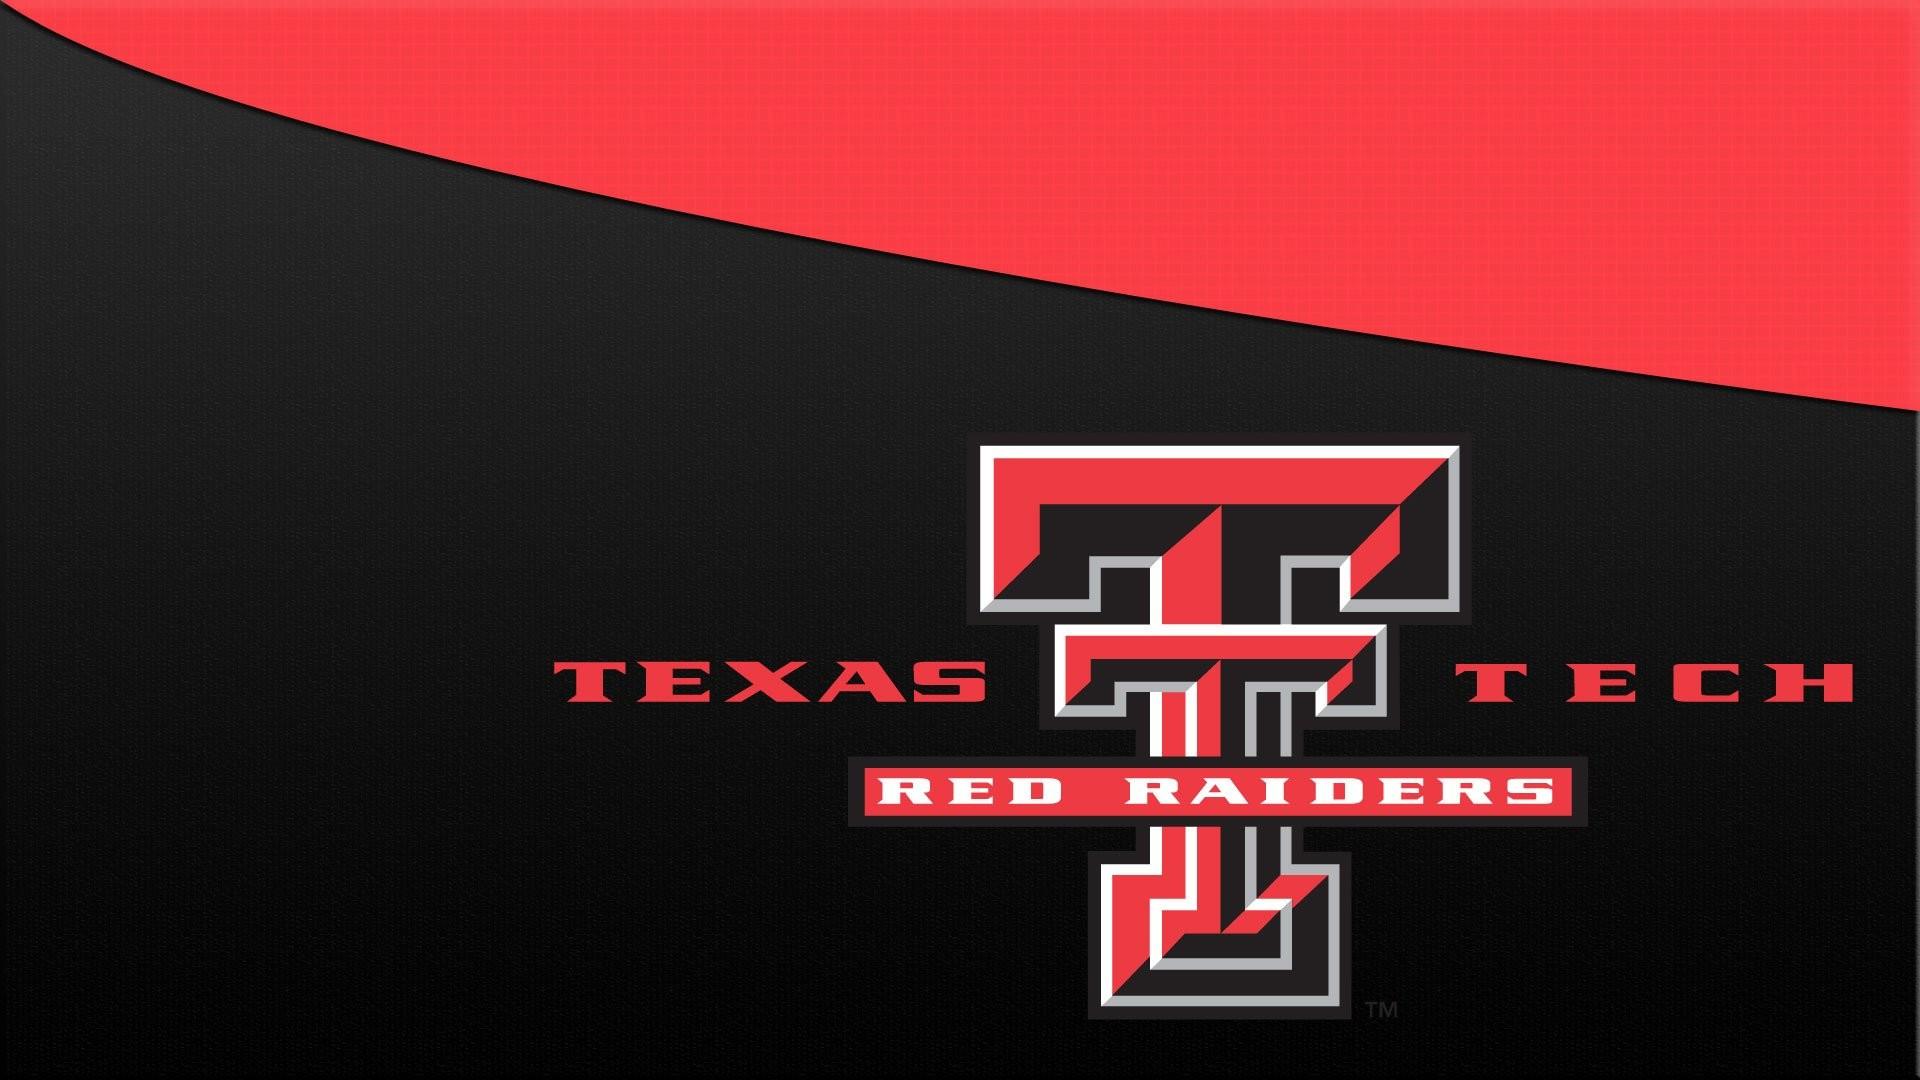 … texas tech walldevil …